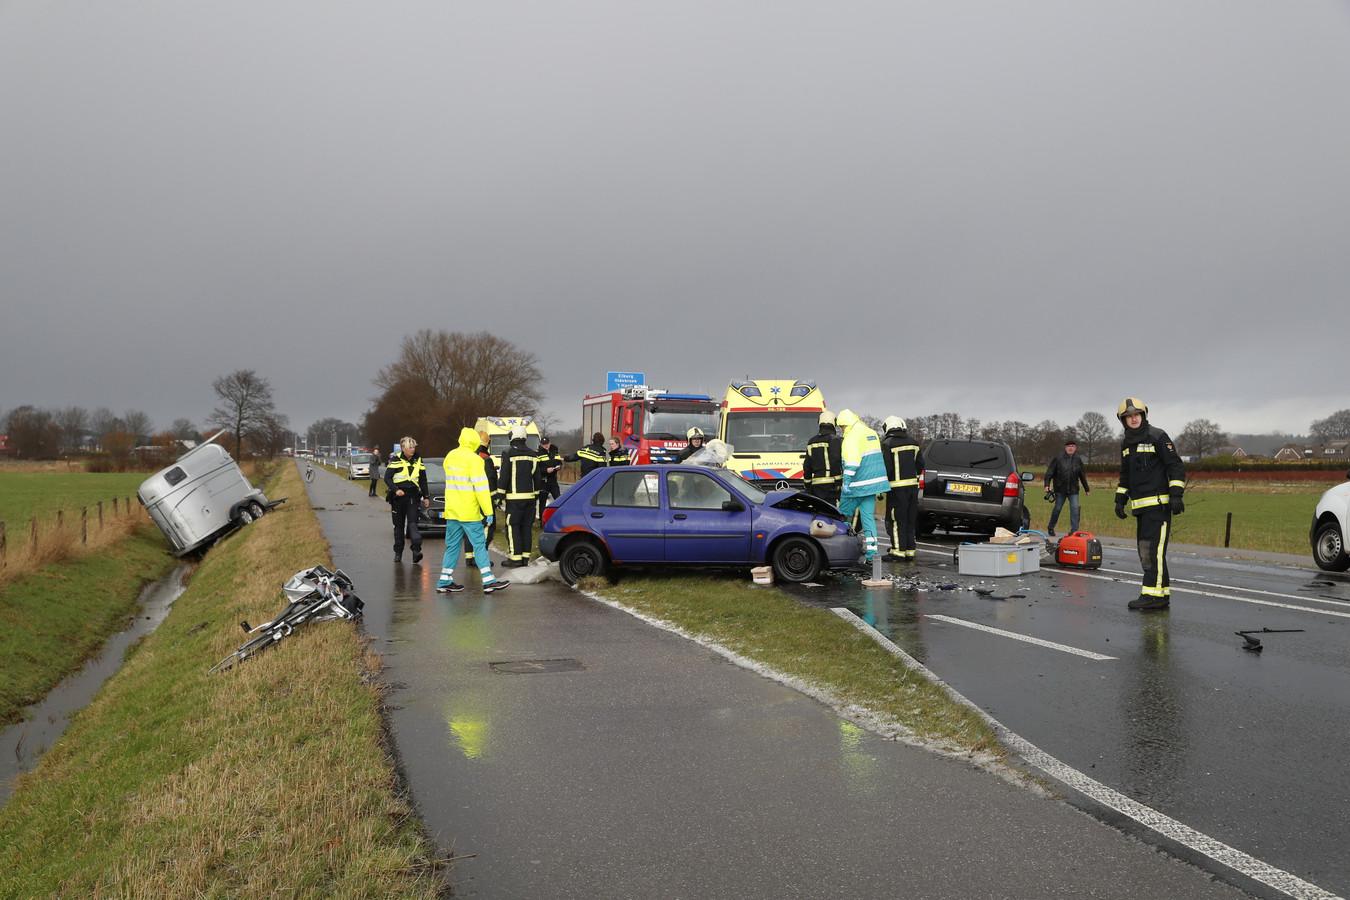 Na ongeluk ontstond was één grote chaos op de Zuiderzeestraatweg bij Doornspijk.